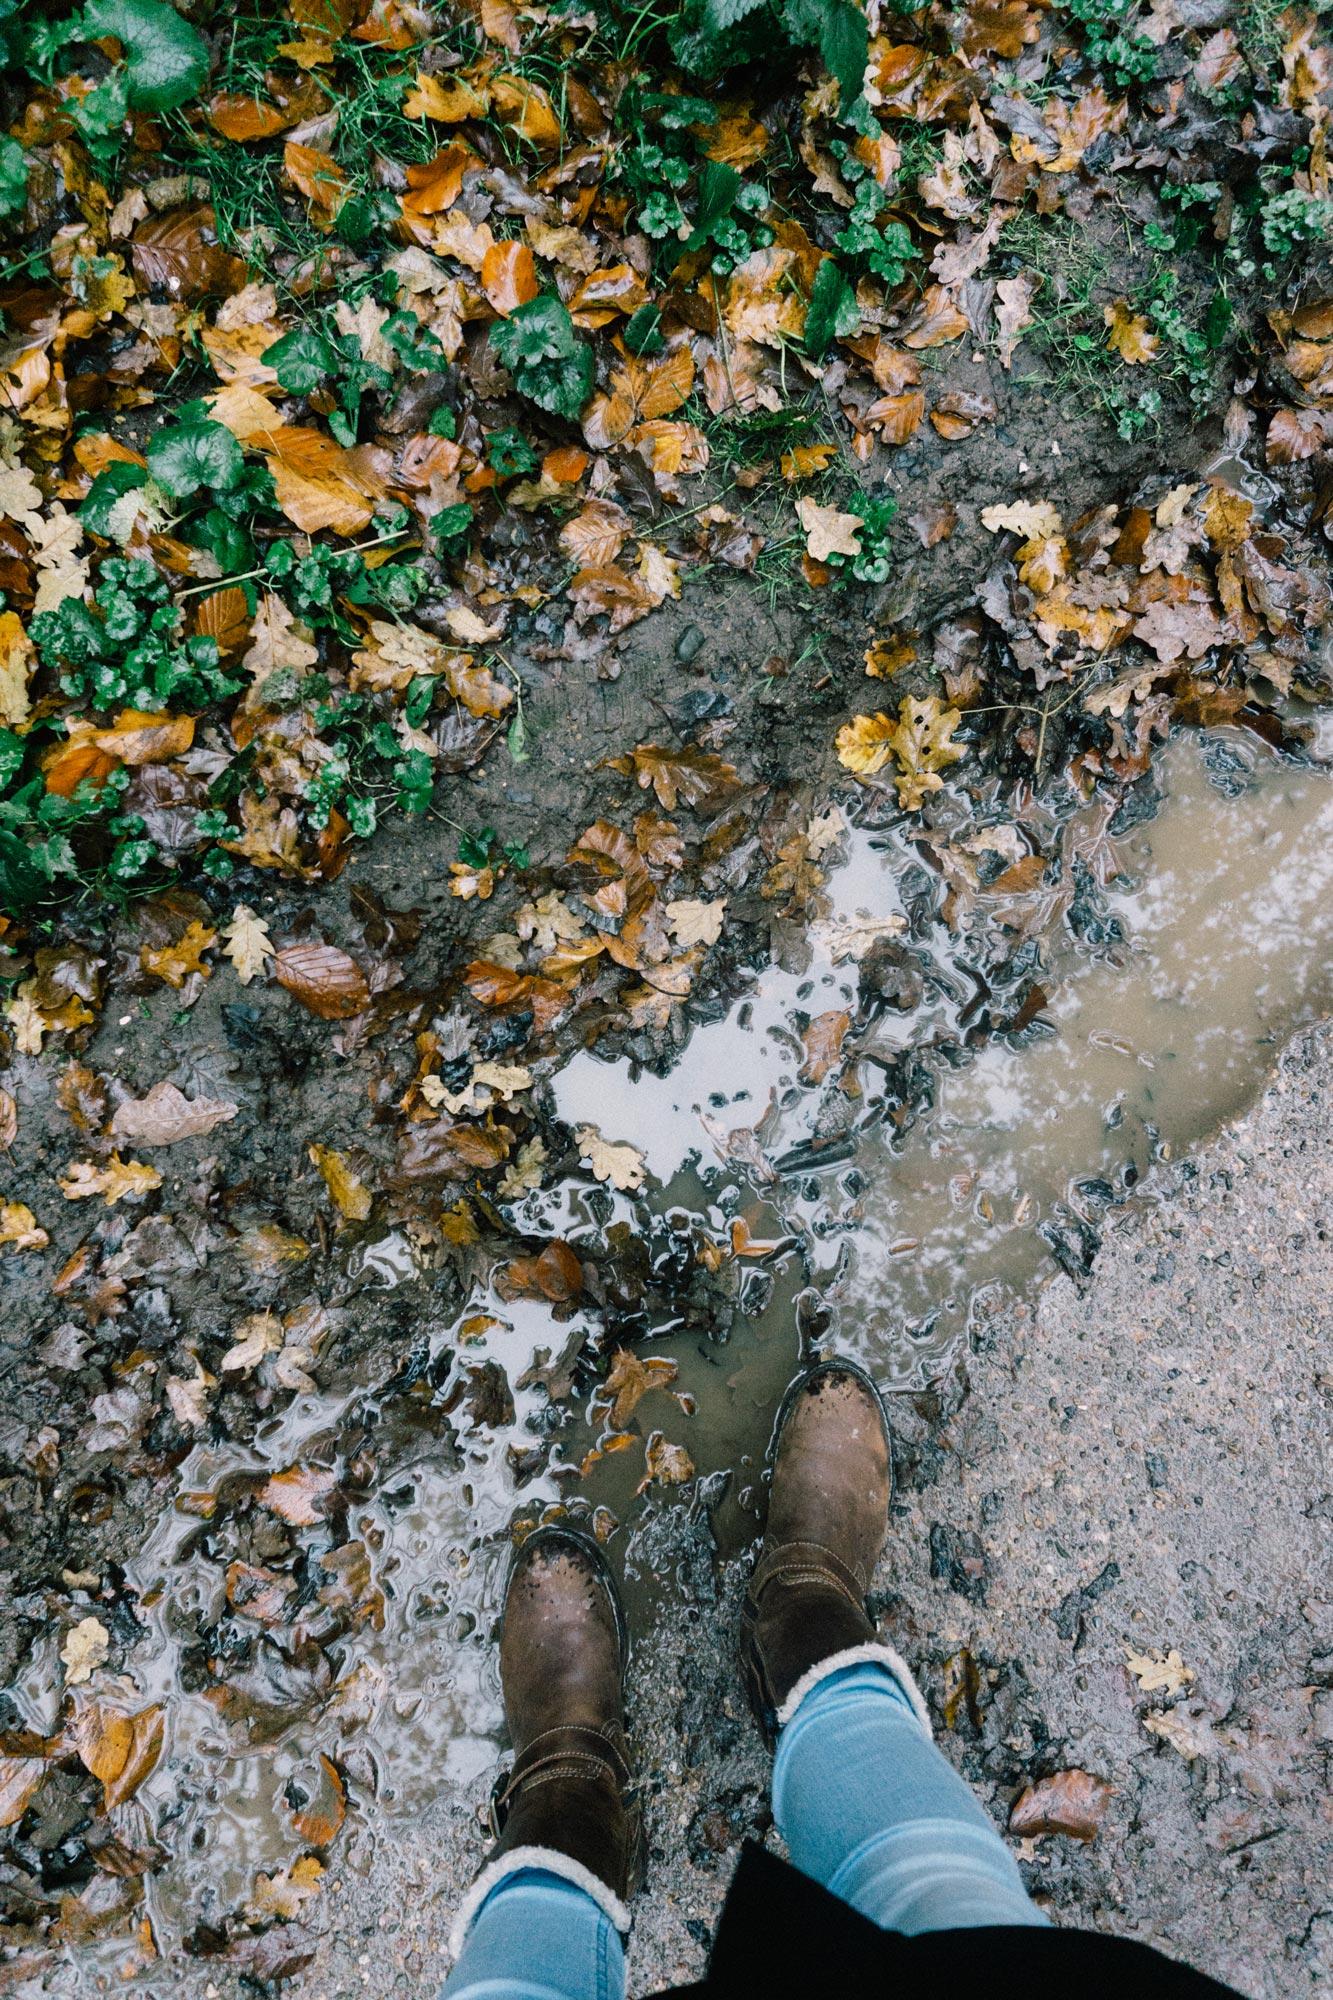 Nationaal Park Zuid-Kennemerland in de herfst 🍁